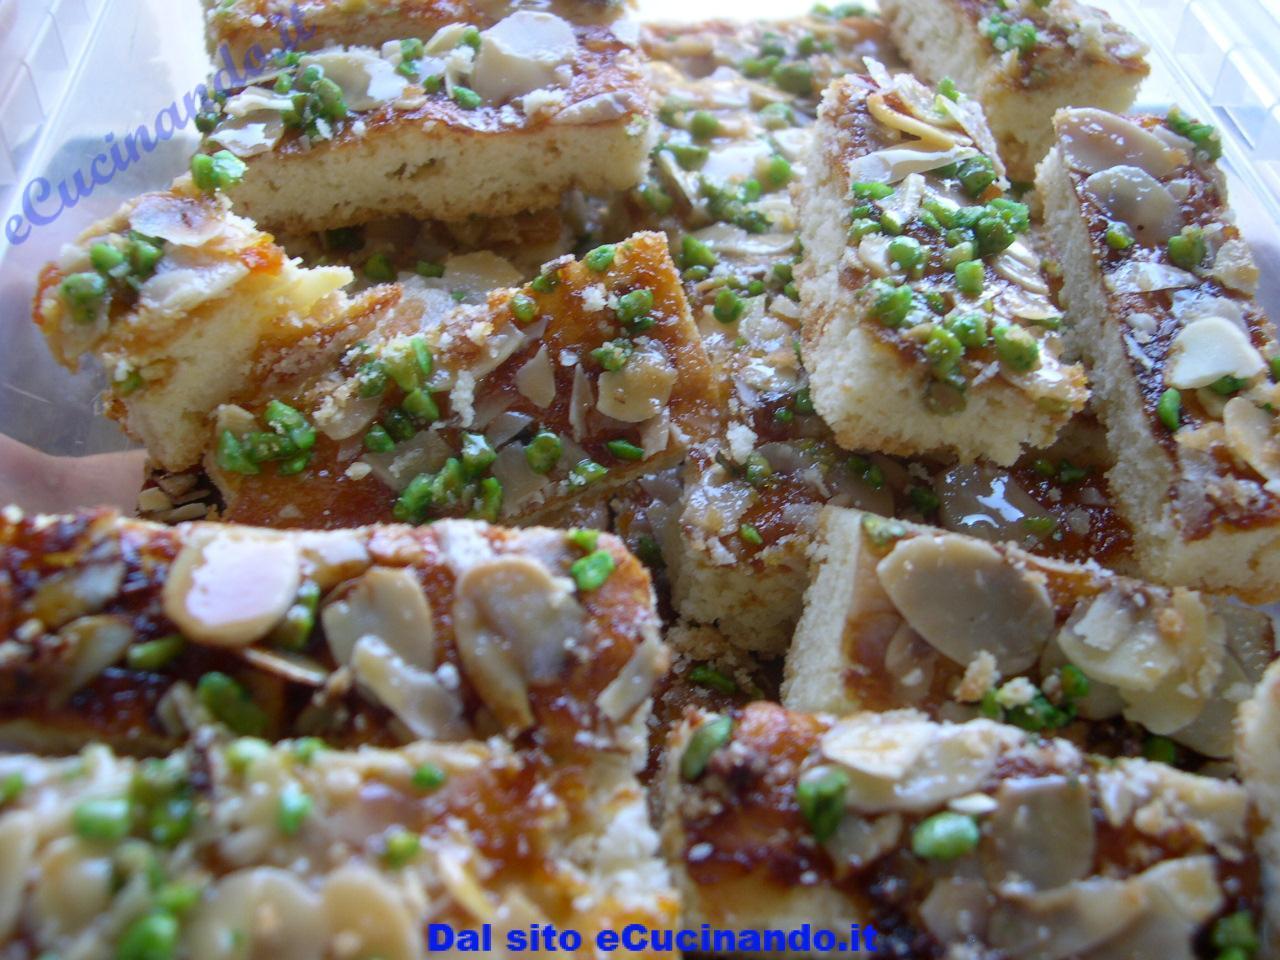 Biscotti-croccantini